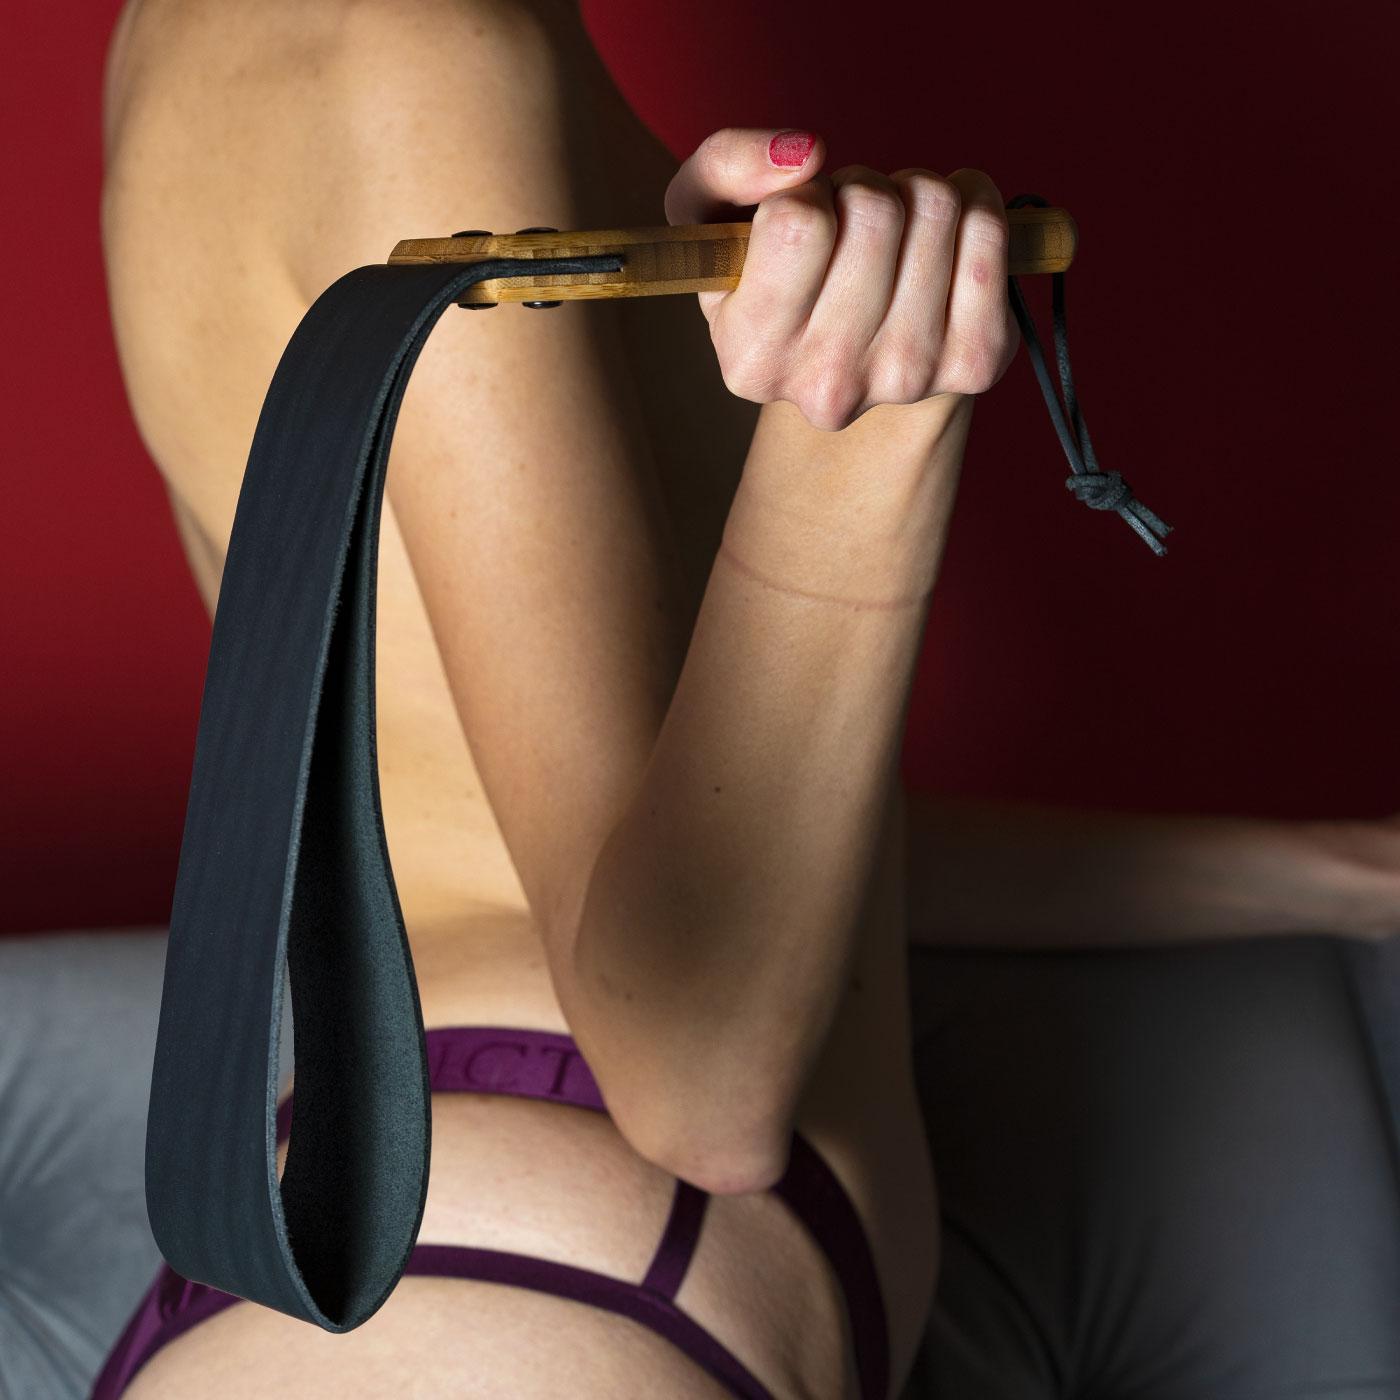 spanking paddle